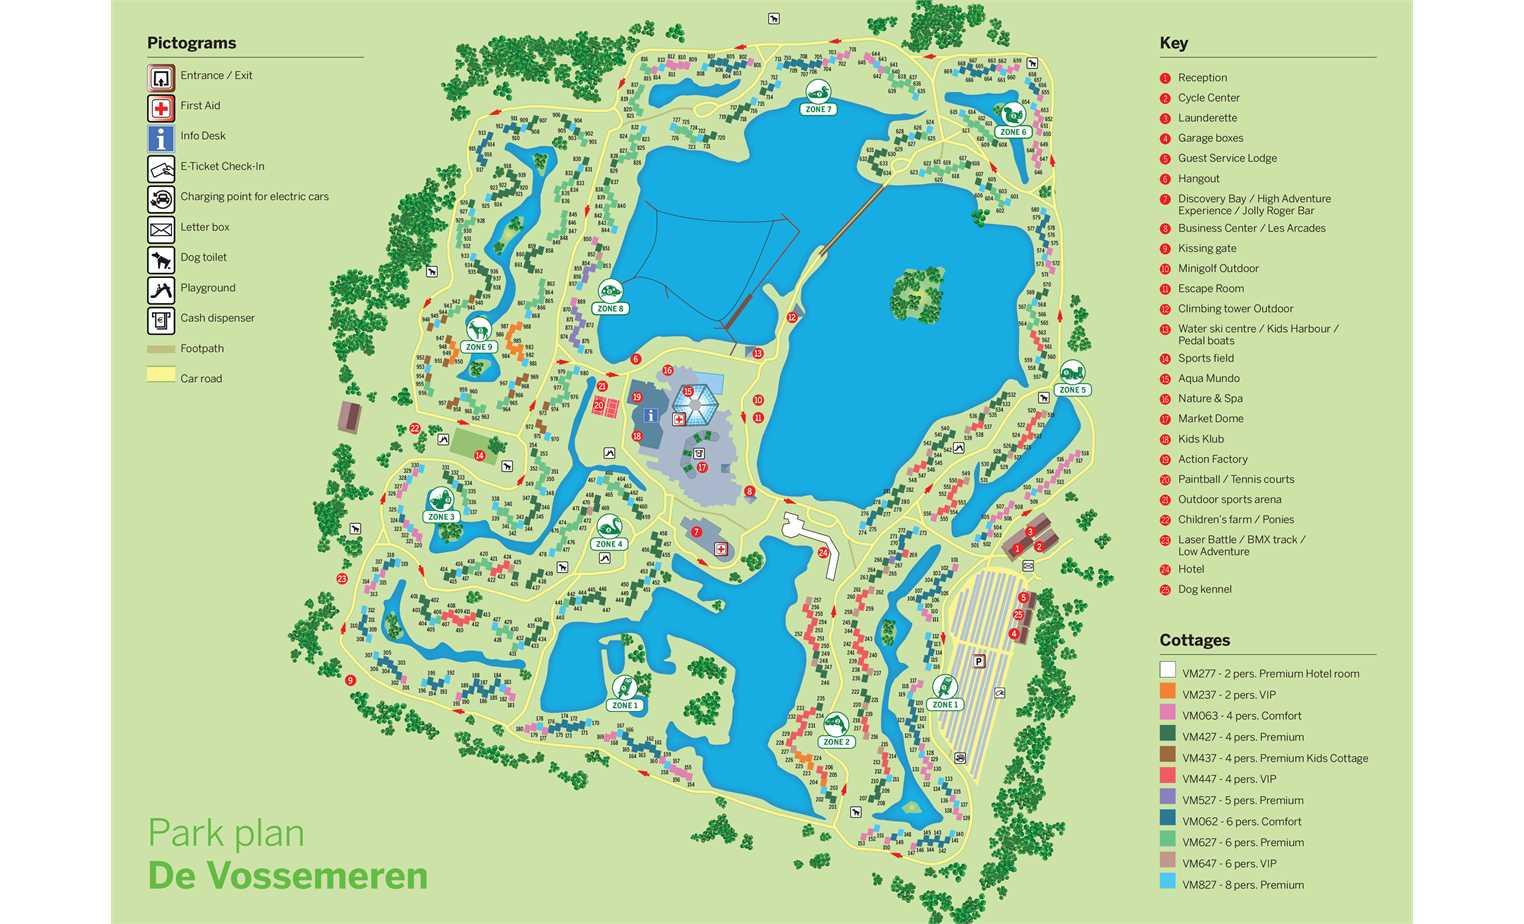 PX] Village map of Center Parcs De Vossemeren - ParkExplorer.com